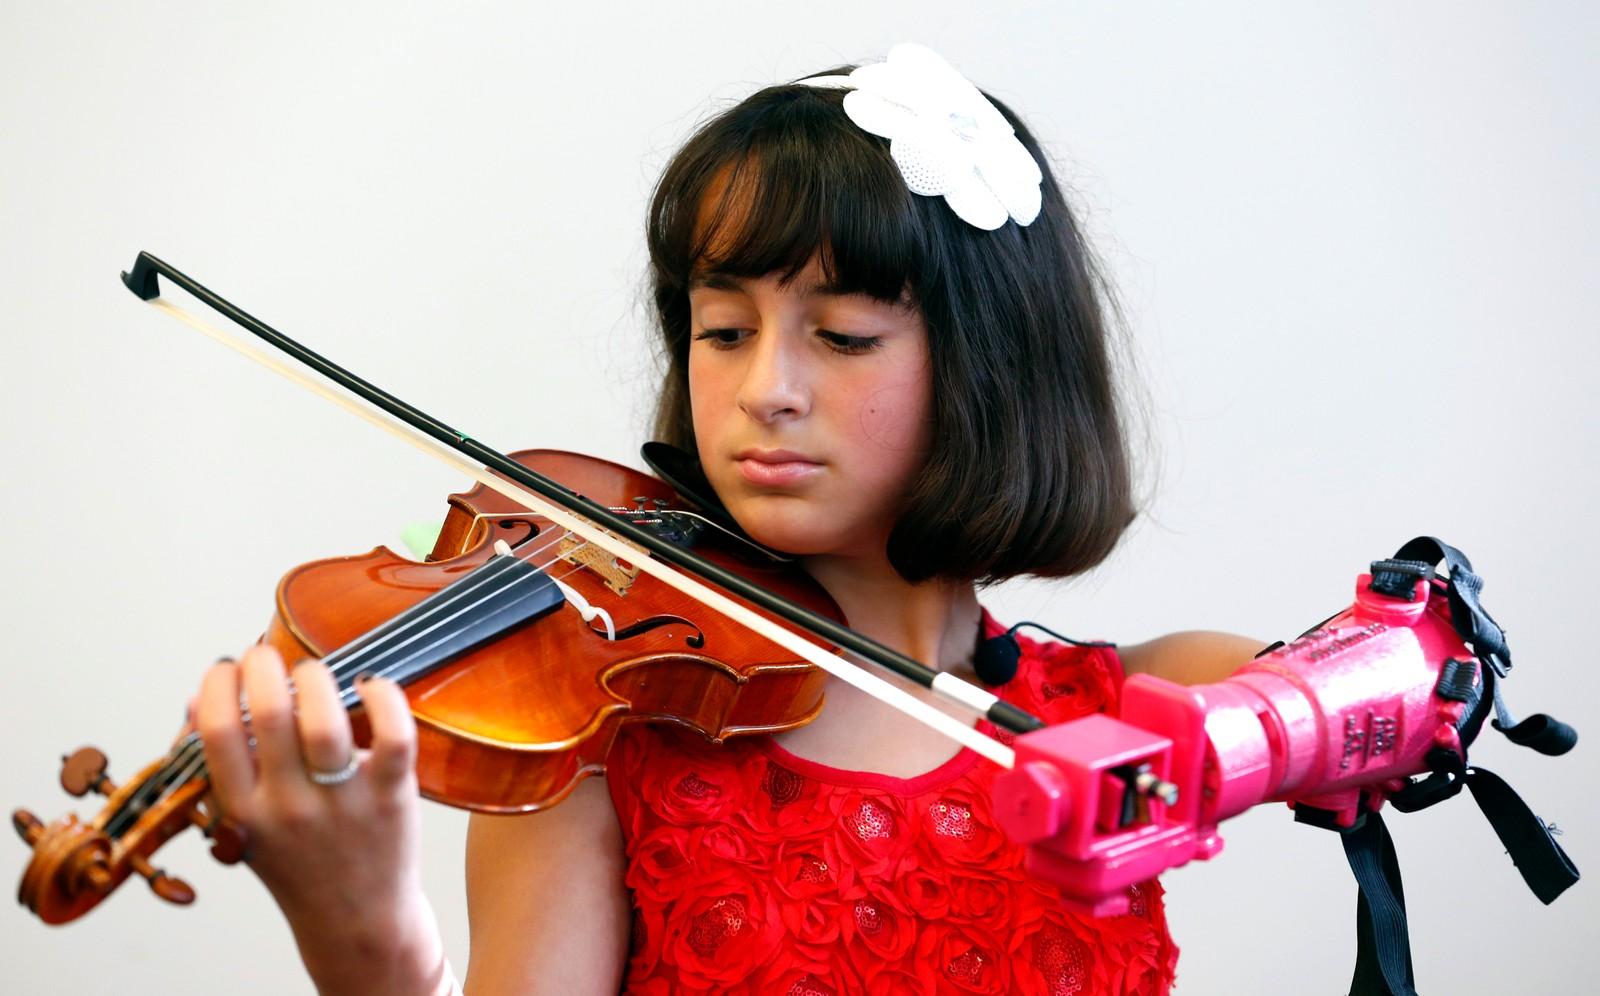 Ti år gamle Nicola Cabrera spiller fiolin med sin splitter nye protese-arm ved fakultetet for ingeniørvitenskap på George Mason University i Fairfax i Virginia. – Jeg følte umiddelbart at jeg kom til å kunne spille, sa hun etterpå.